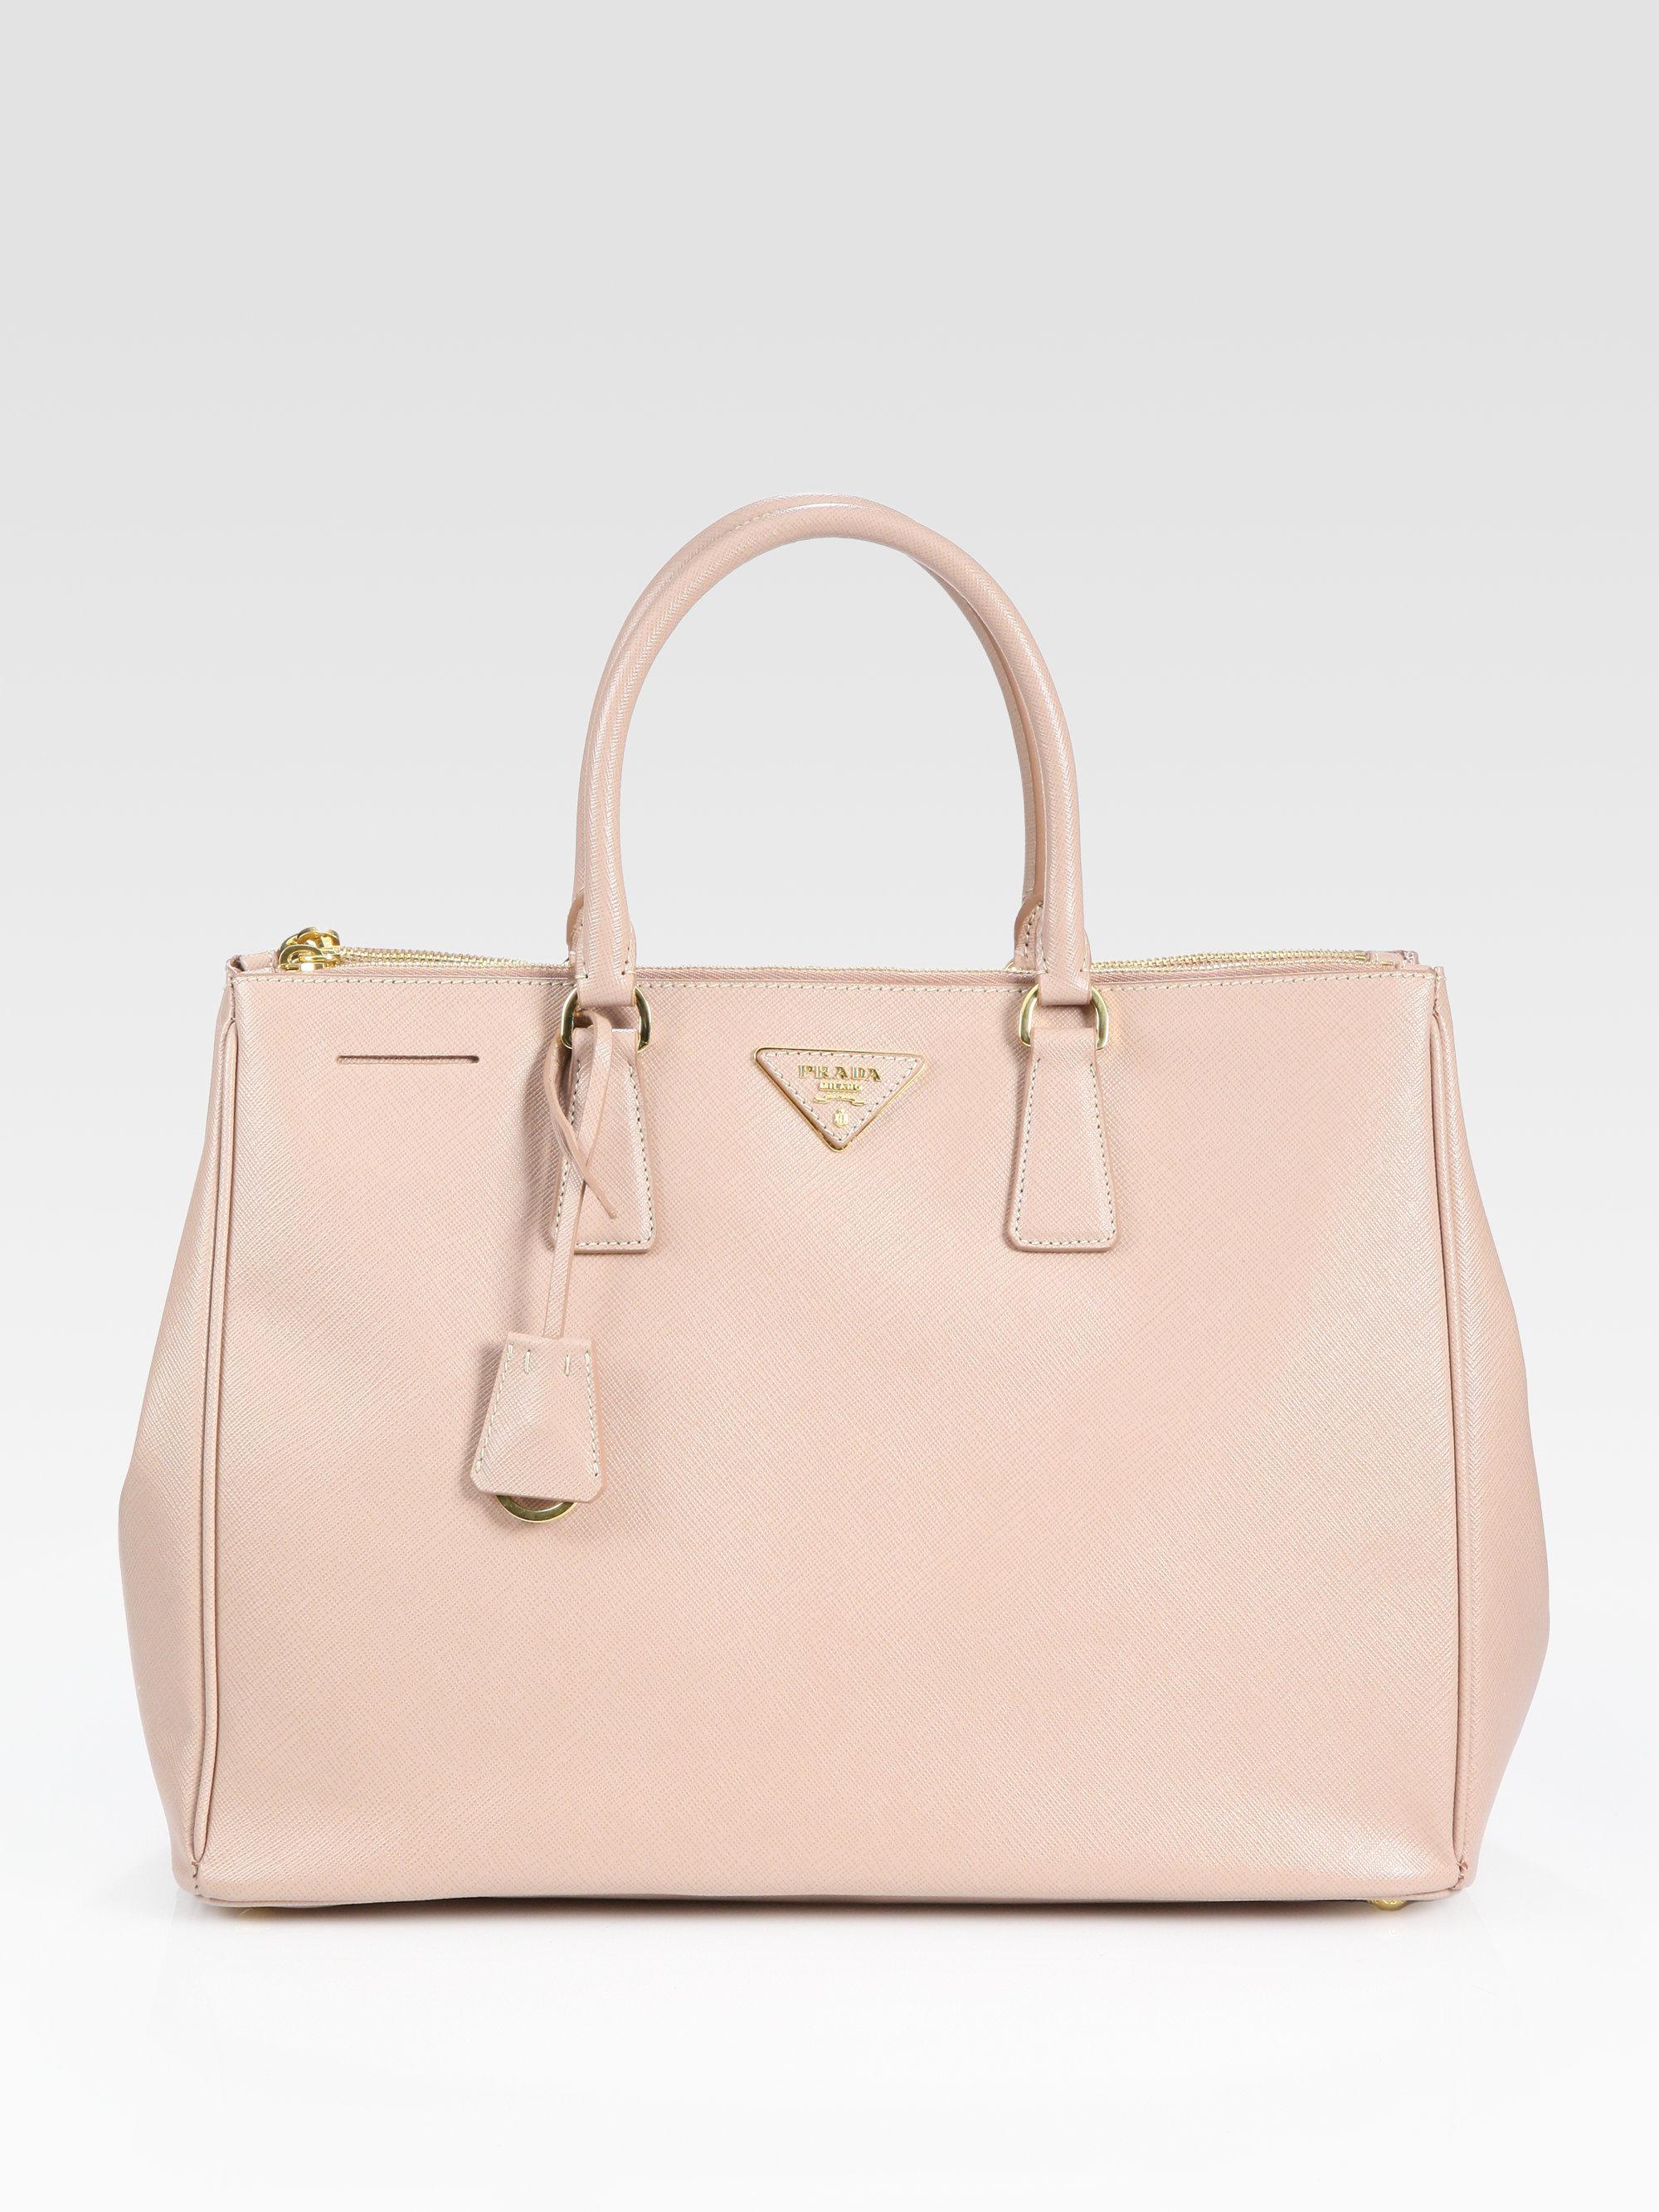 www prada handbag com - prada saffiano tote bag